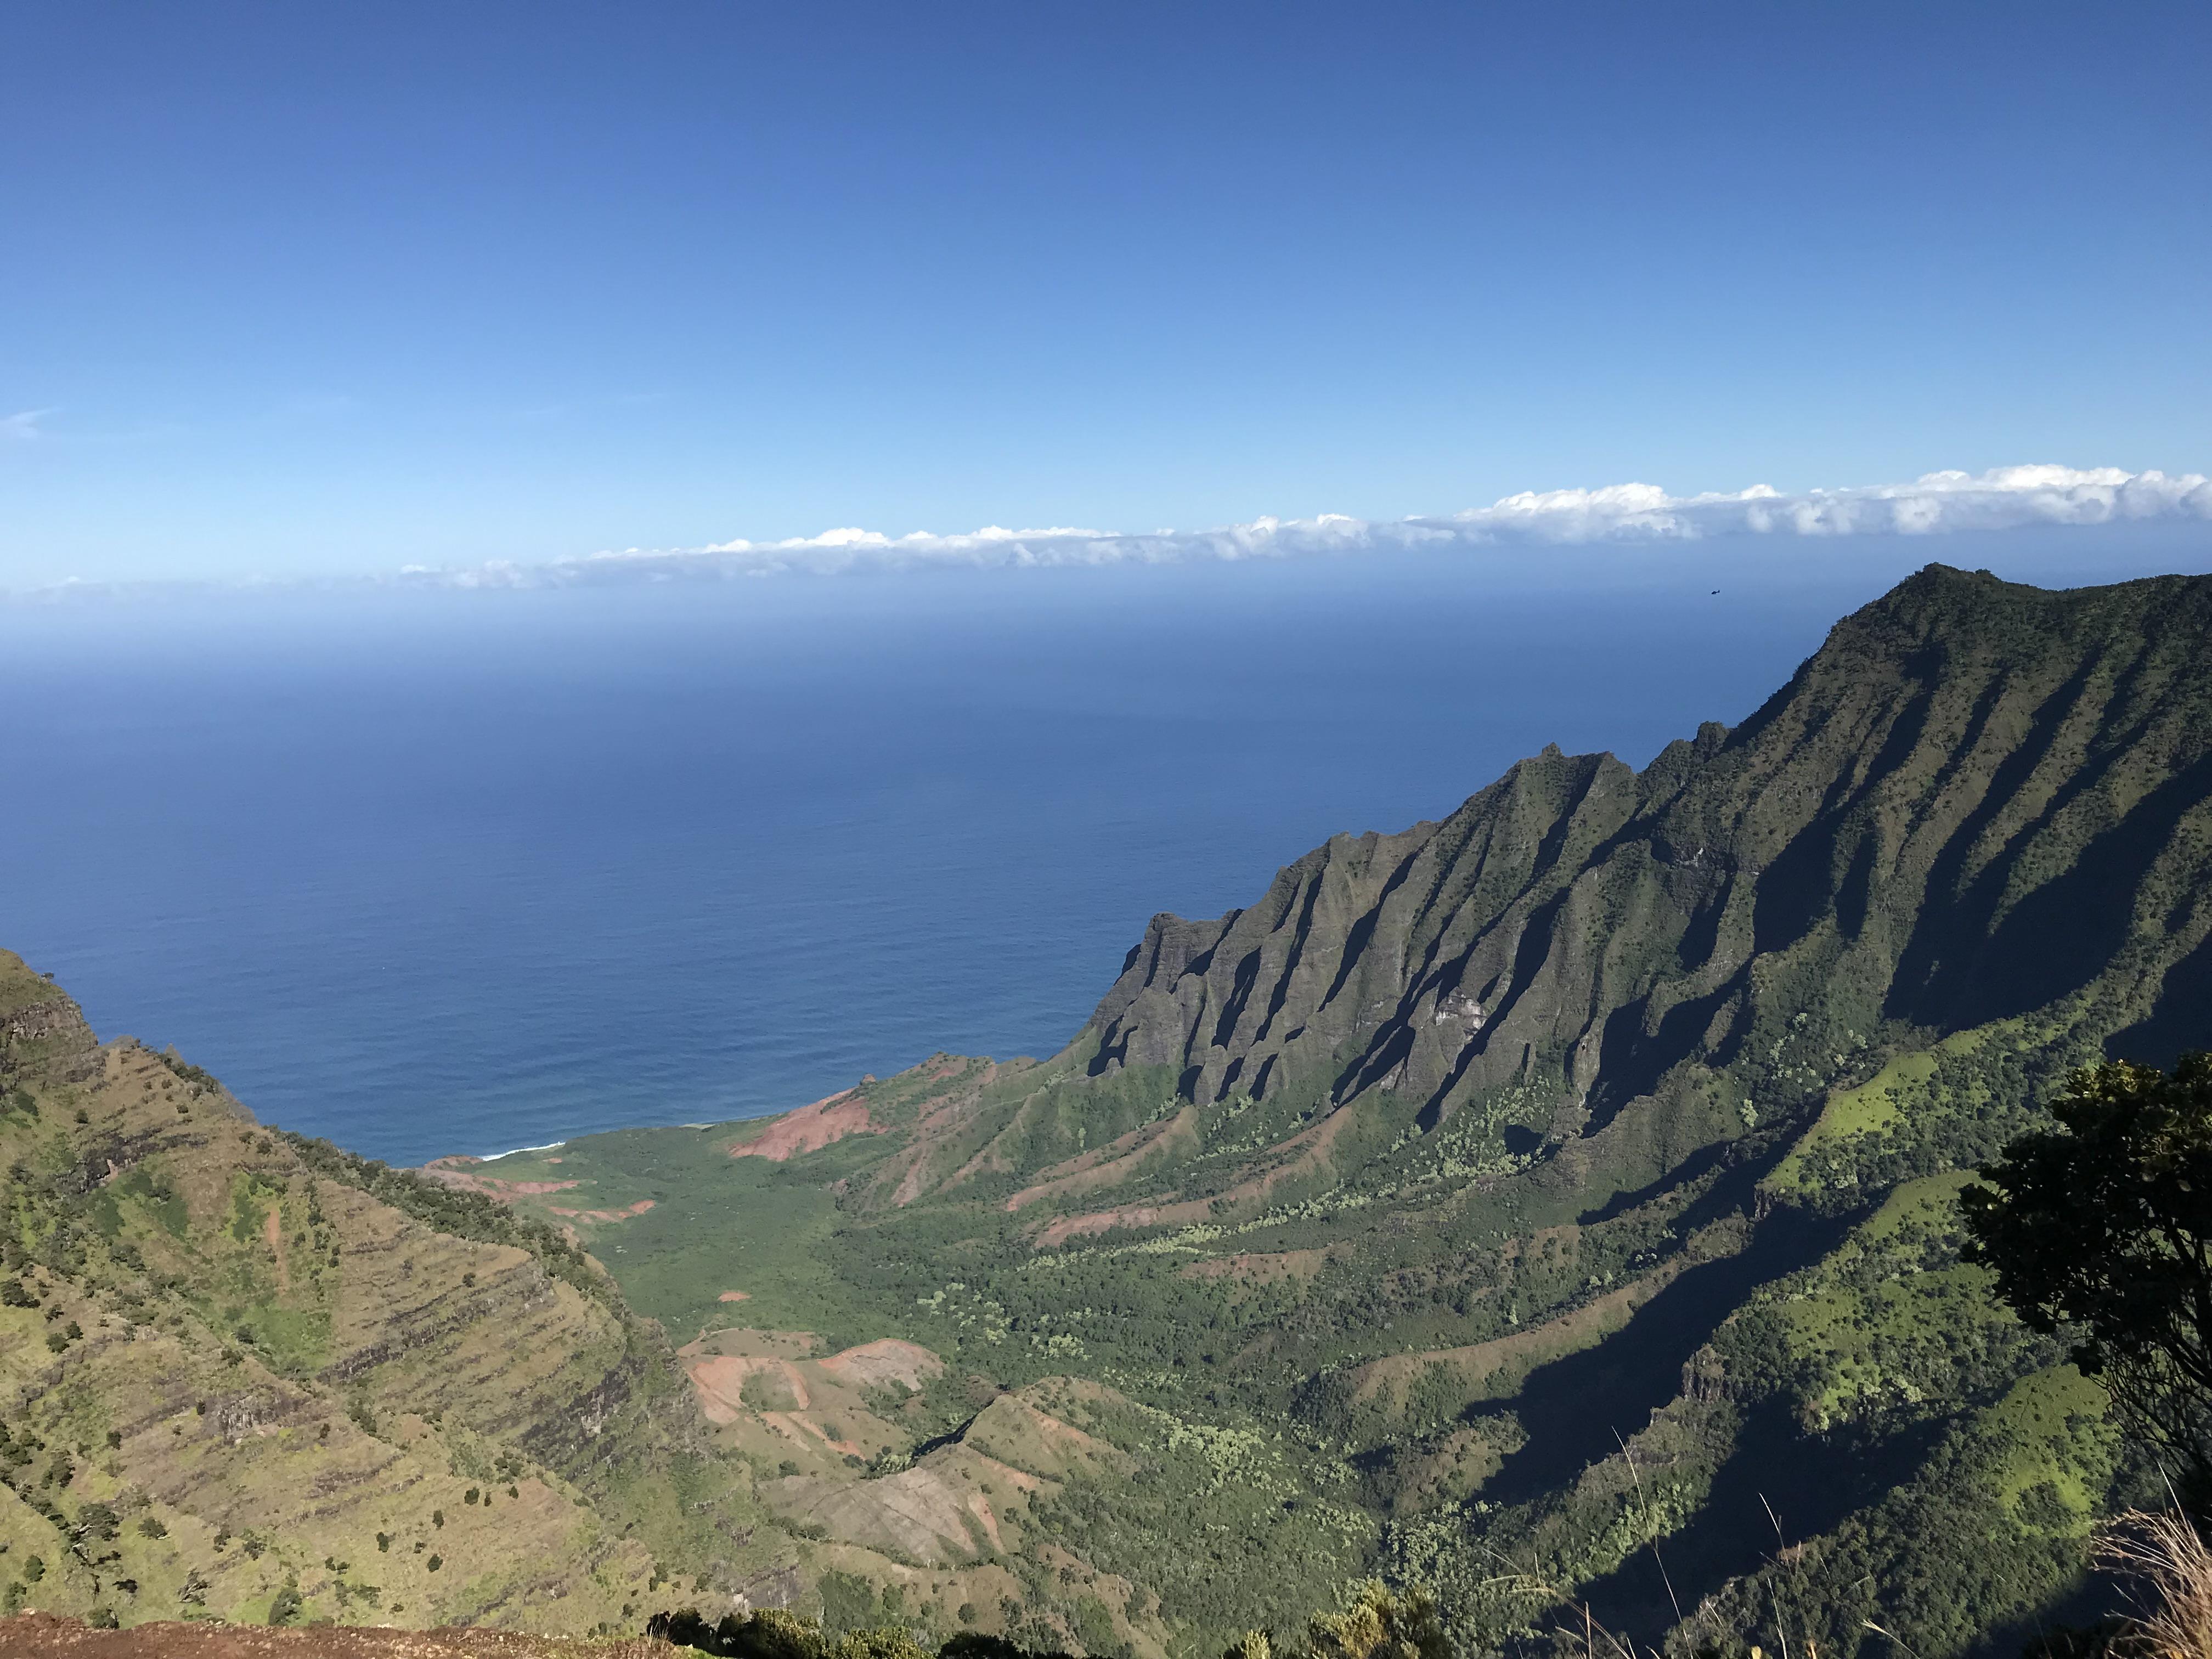 2018 11 28 30 Kauai HI Waimea Canyon.JPG